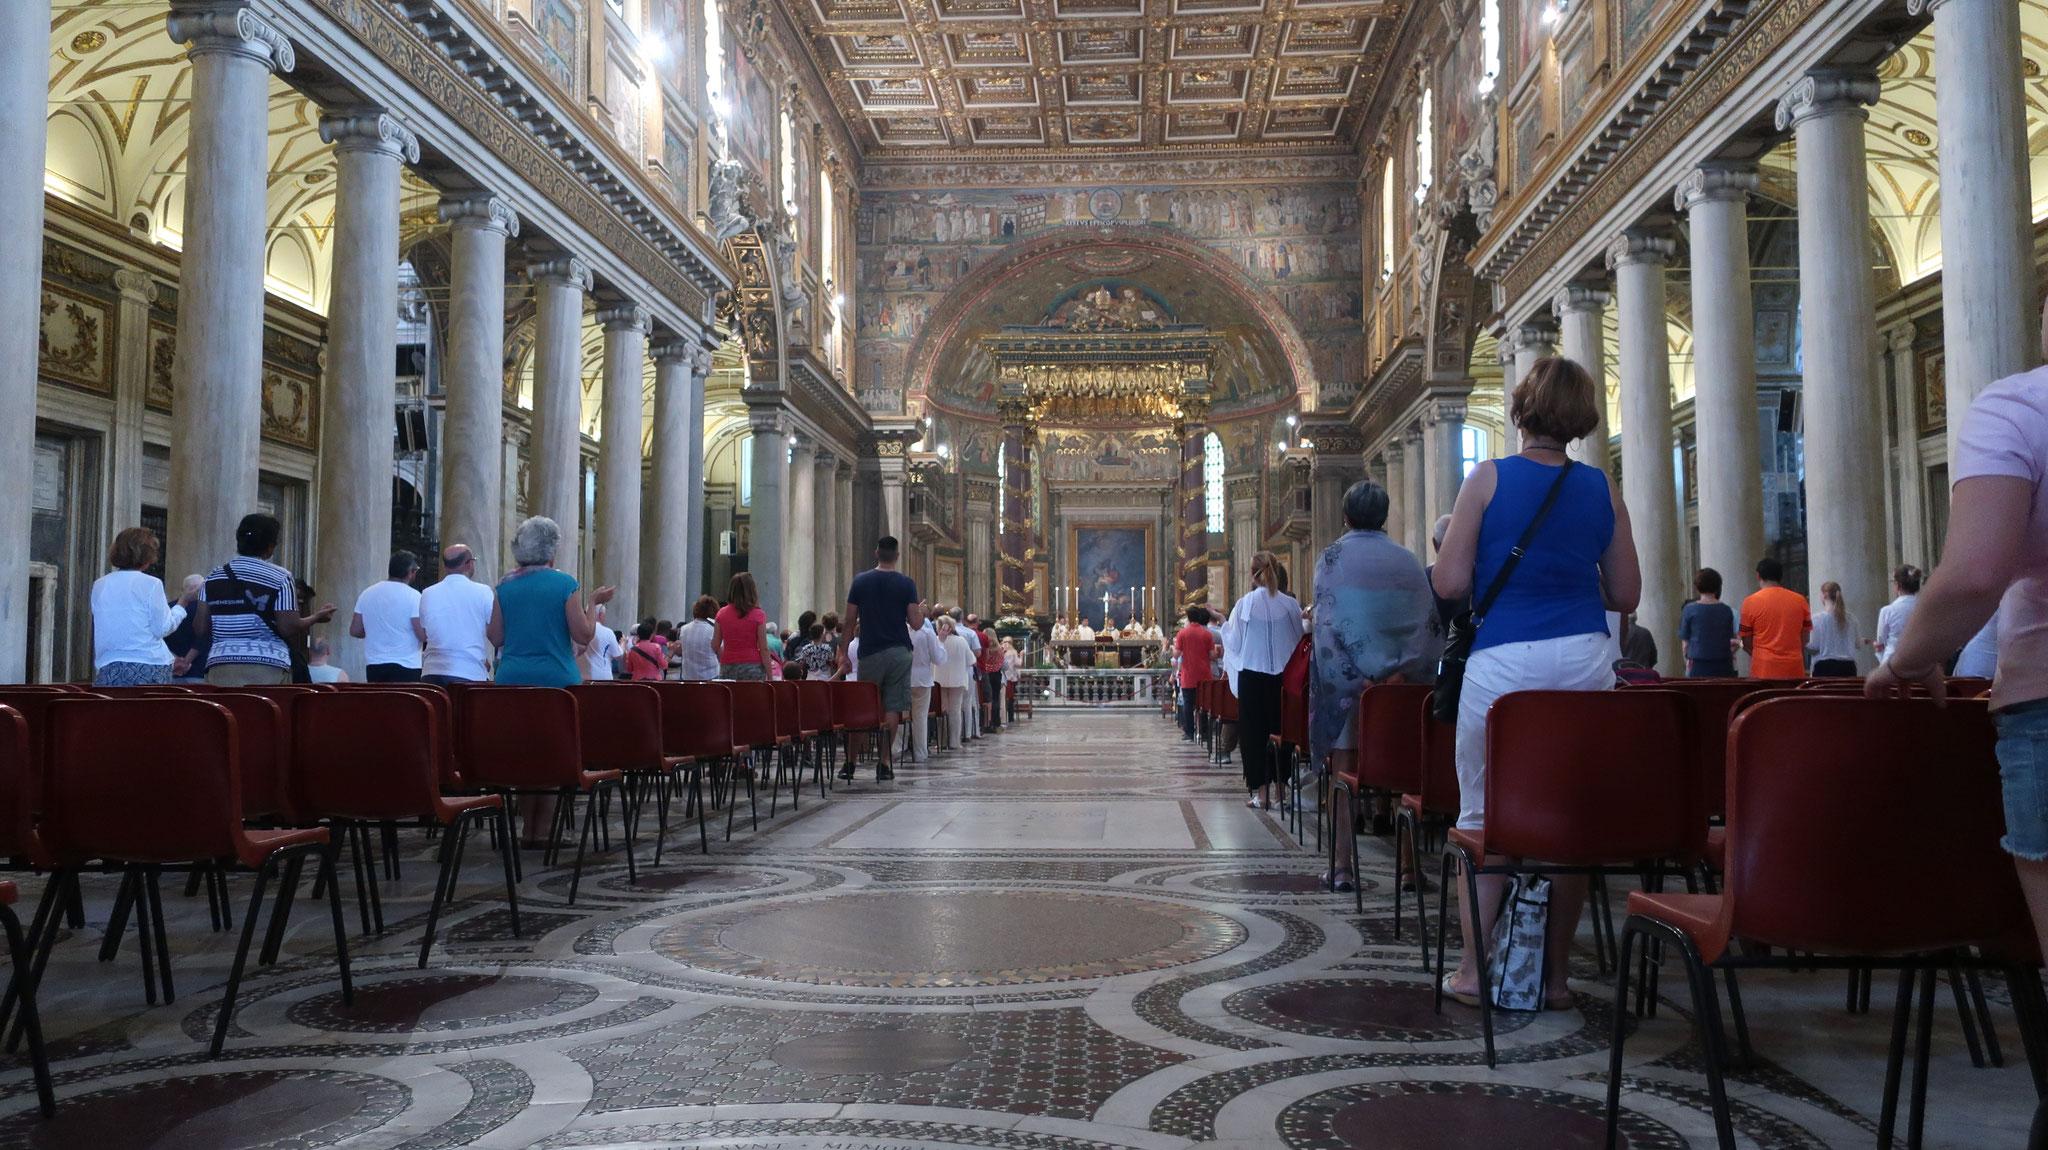 クラシックなバジリカ様式の教会内部。調和と荘厳に満ちています。36本の、古代ローマの神殿から運ぼれた大理石の柱で仕切られています。